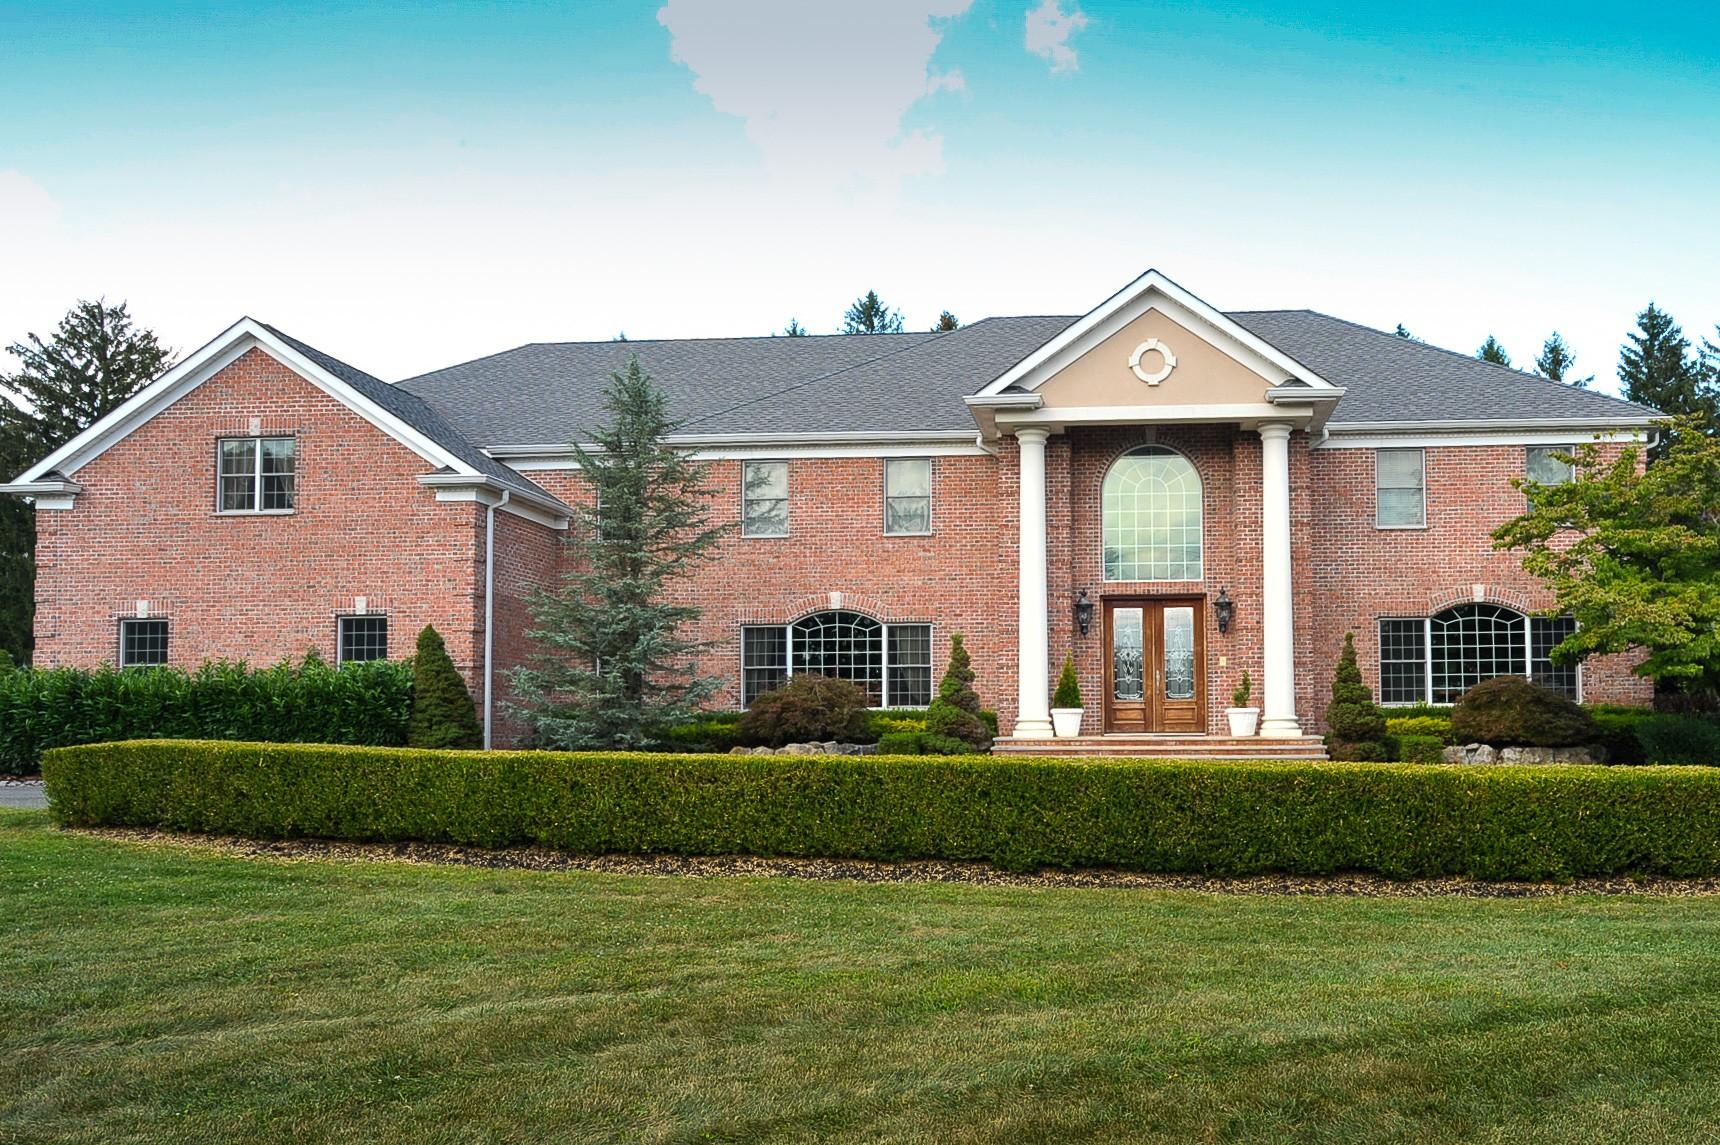 独户住宅 为 销售 在 5 Maplecrest Lane Colts Neck, 新泽西州 07722 美国